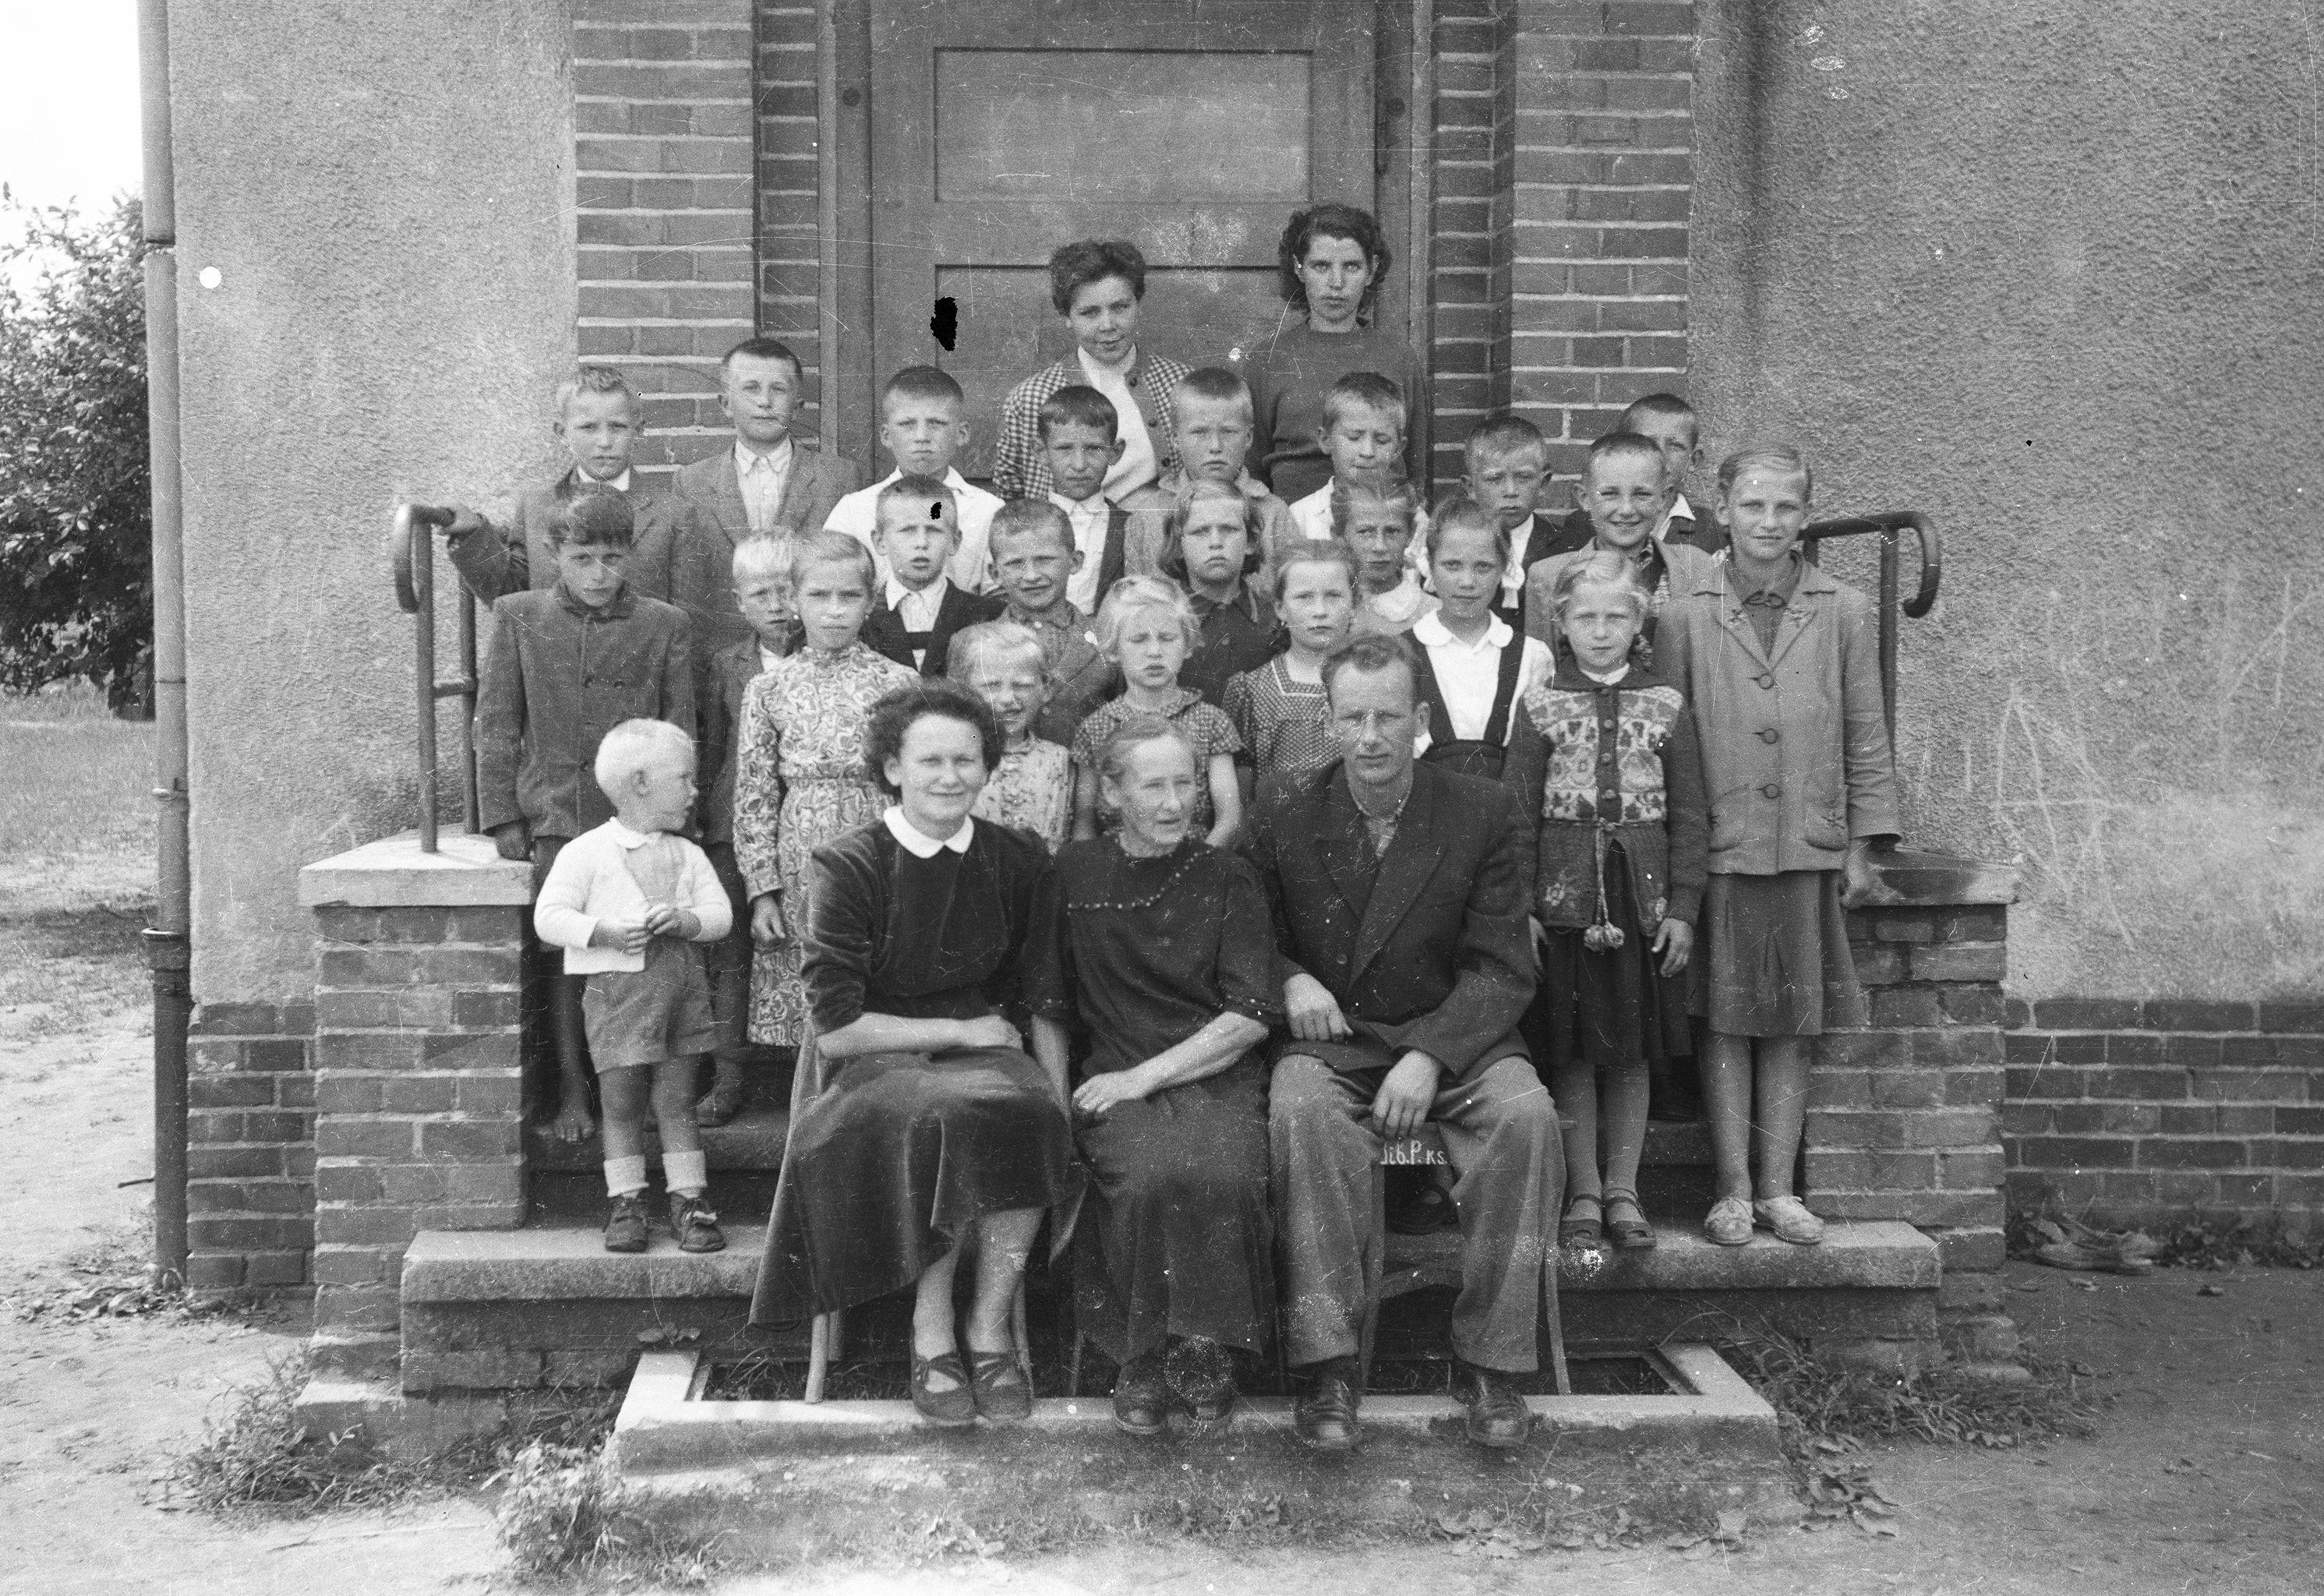 Zdjęcie grupowe uczniów szkoły w Rudawie, Dolny Śląsk, lata 50. XX w.